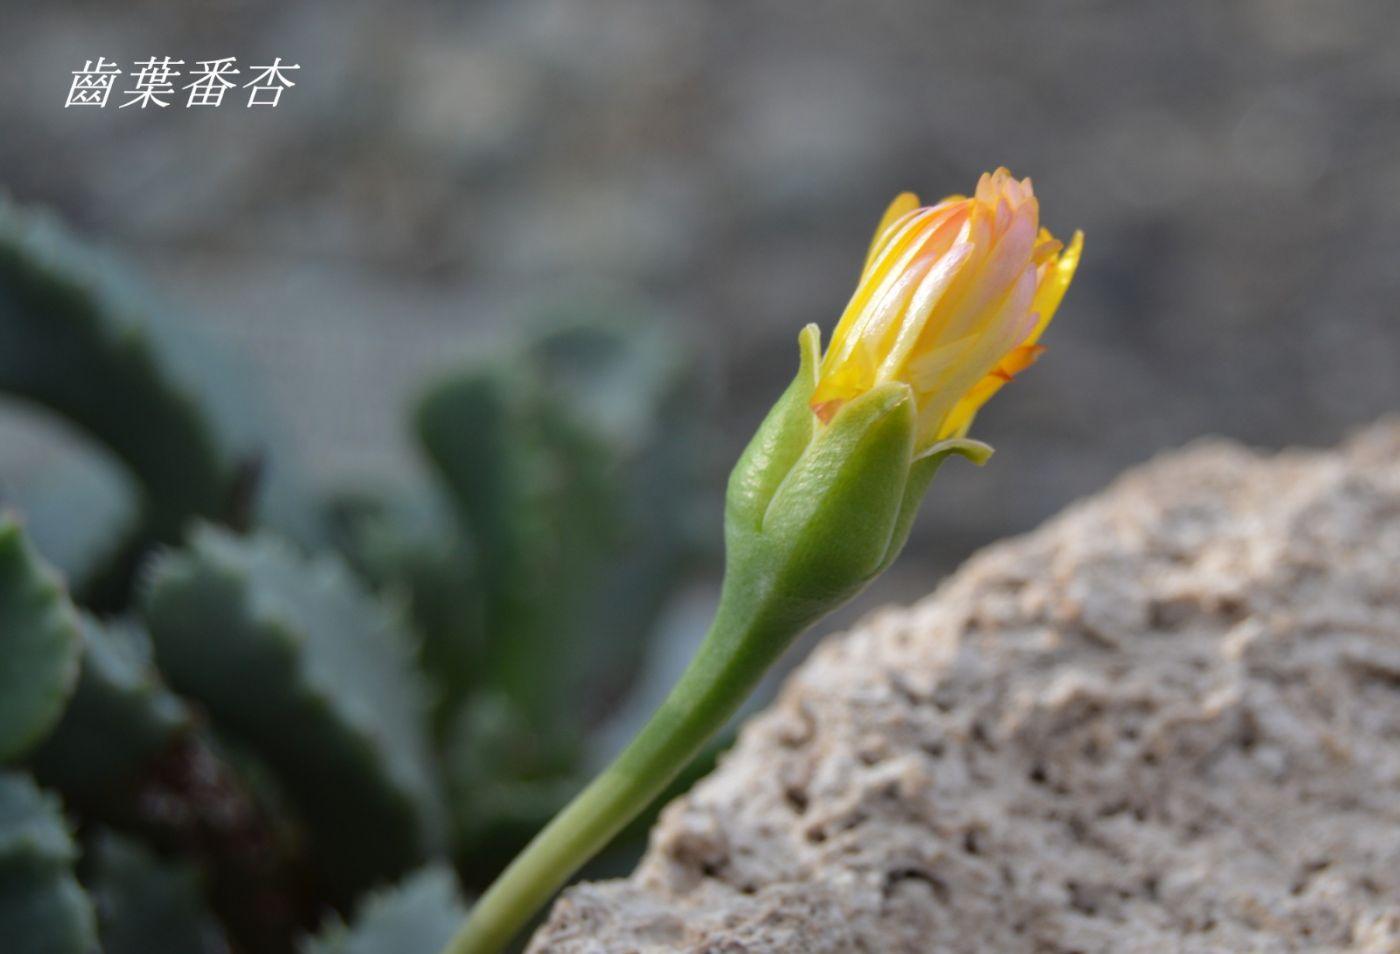 花草图谱 (17)_图1-9